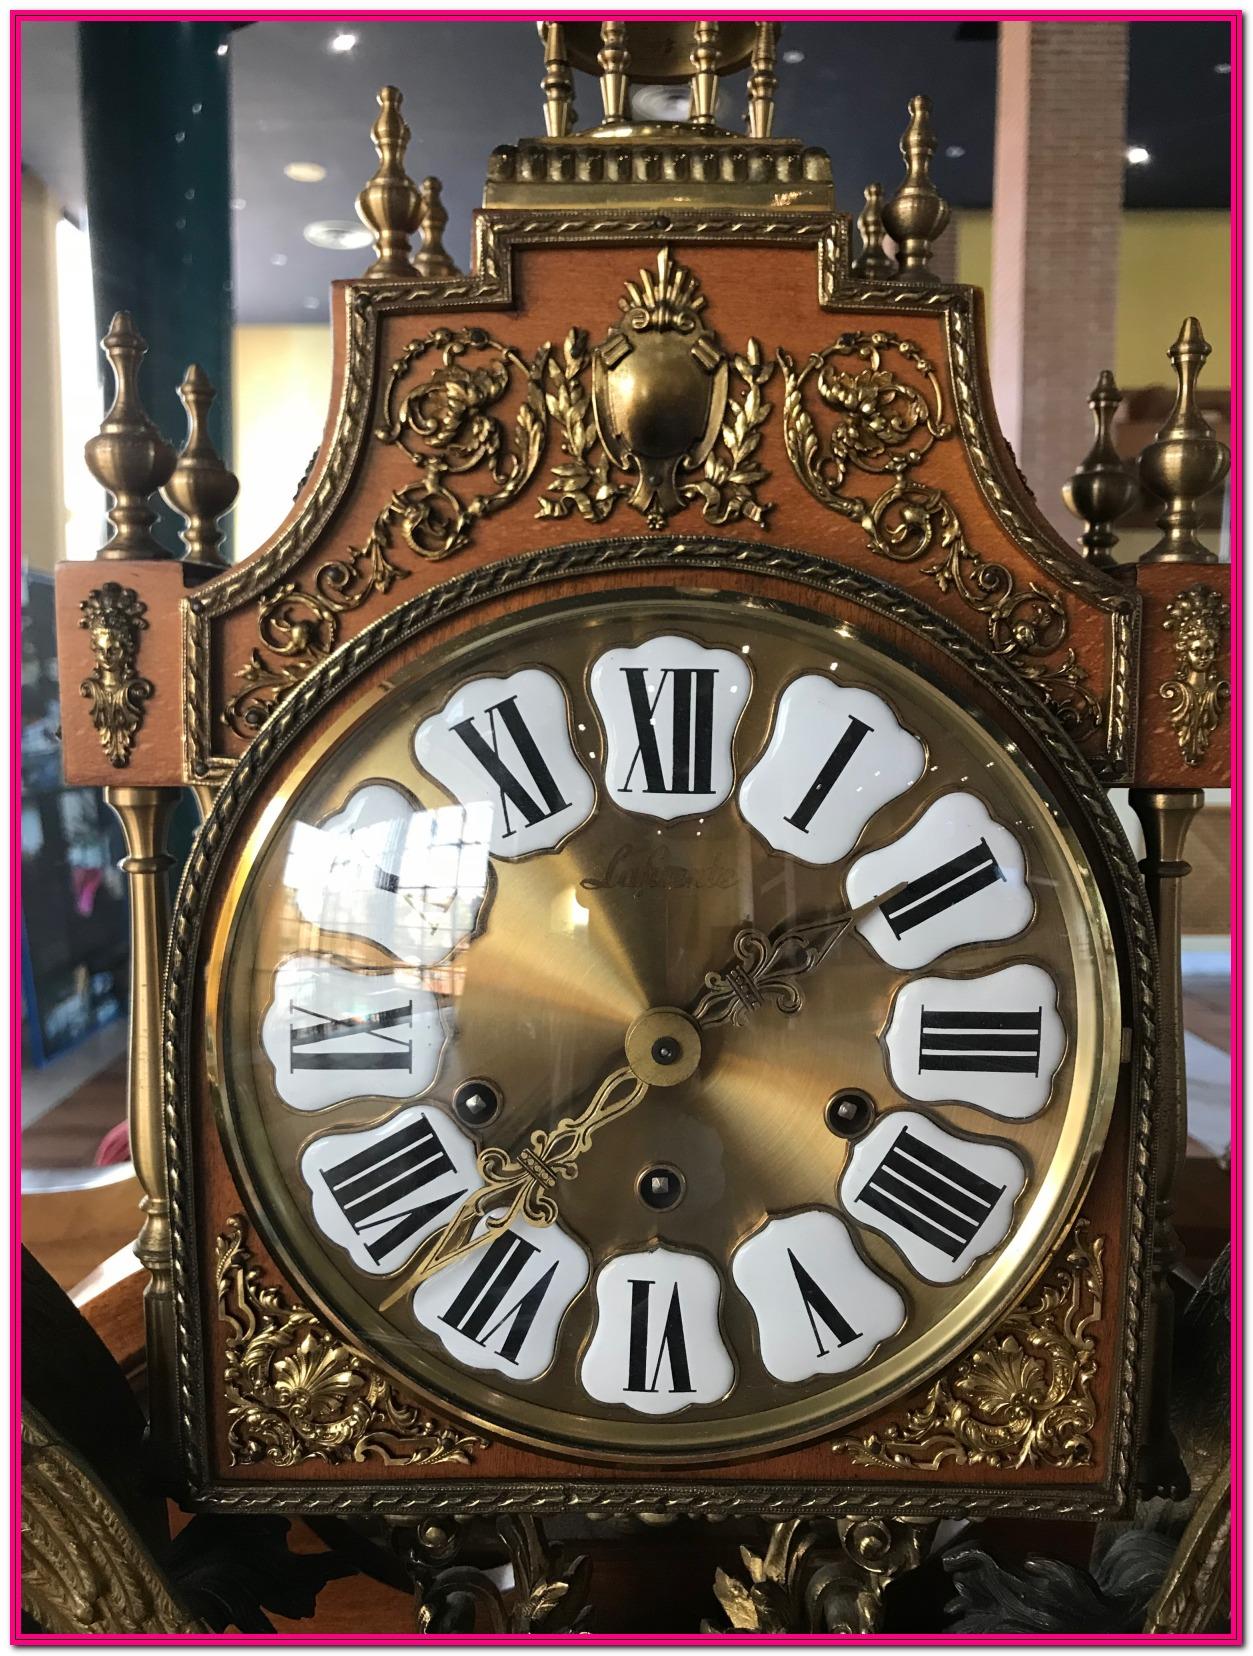 Самаре в швейцарских скупка часов цена механические часы продать старые